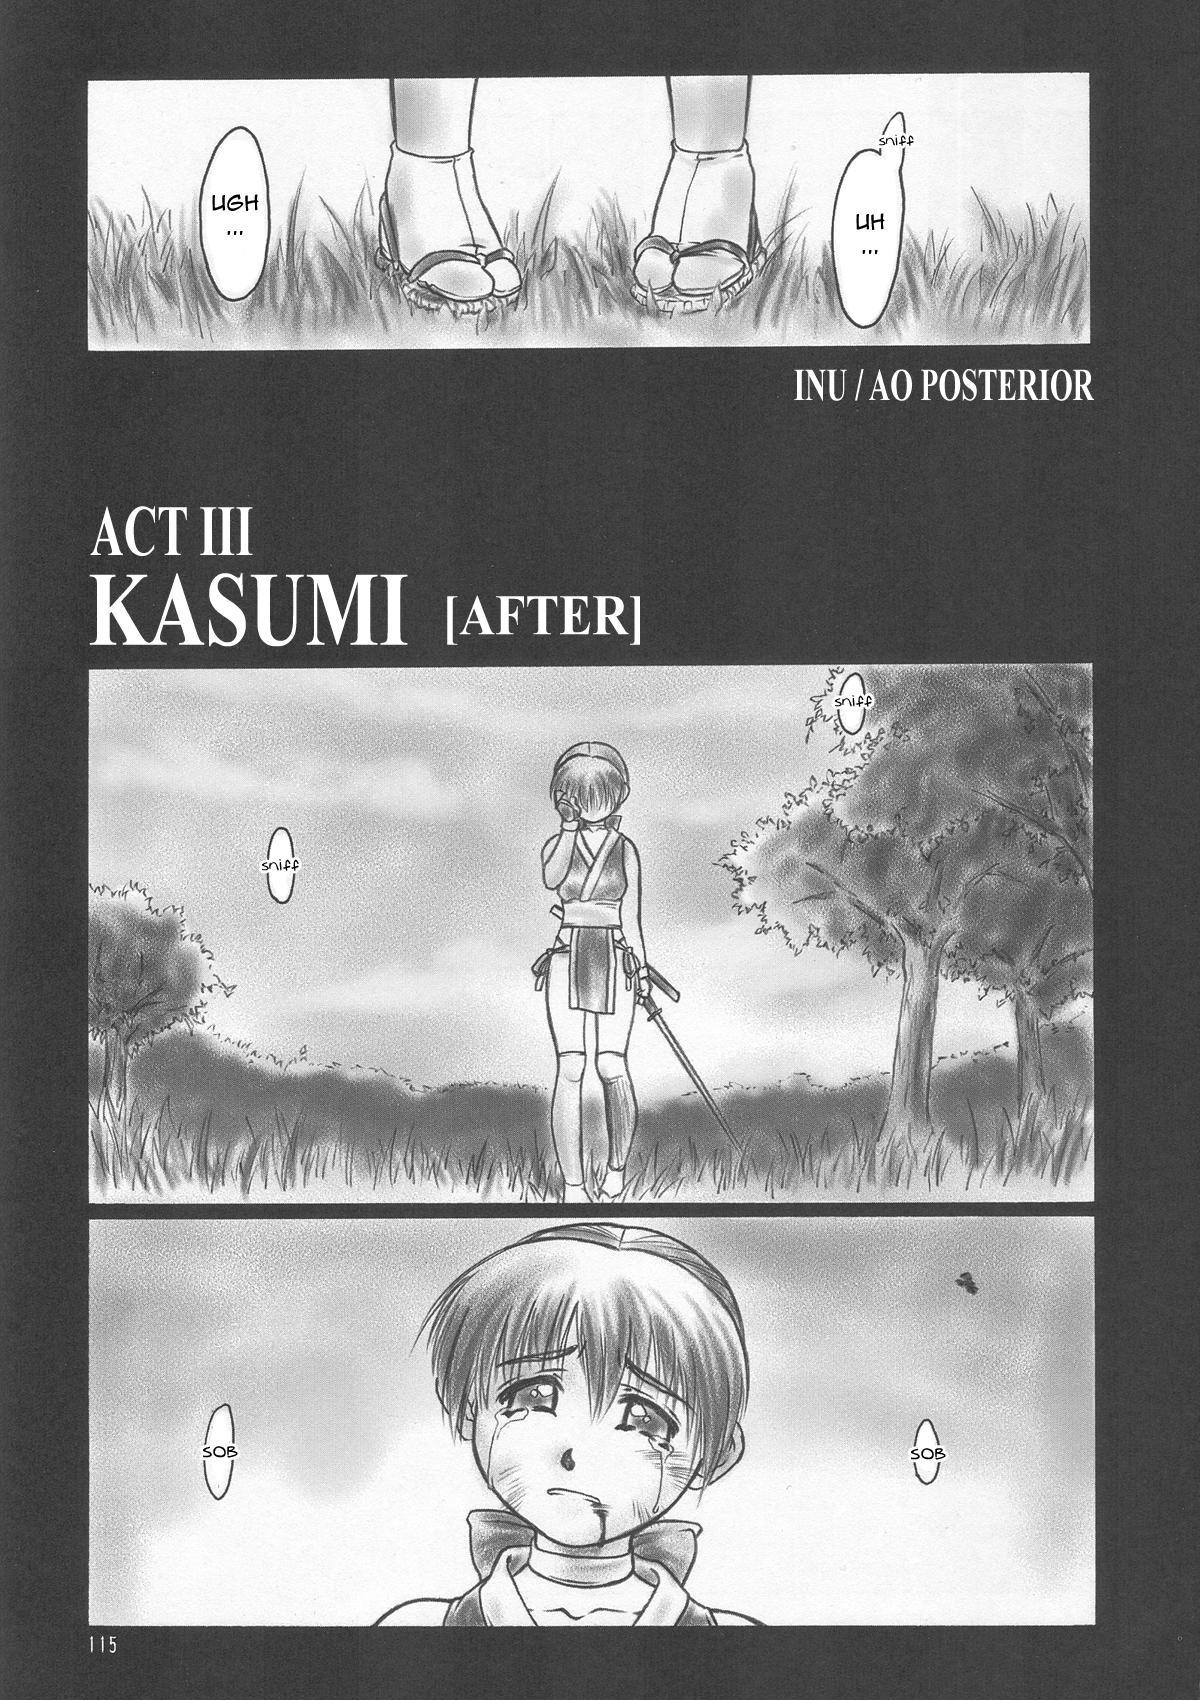 INU/AO Posterior 3